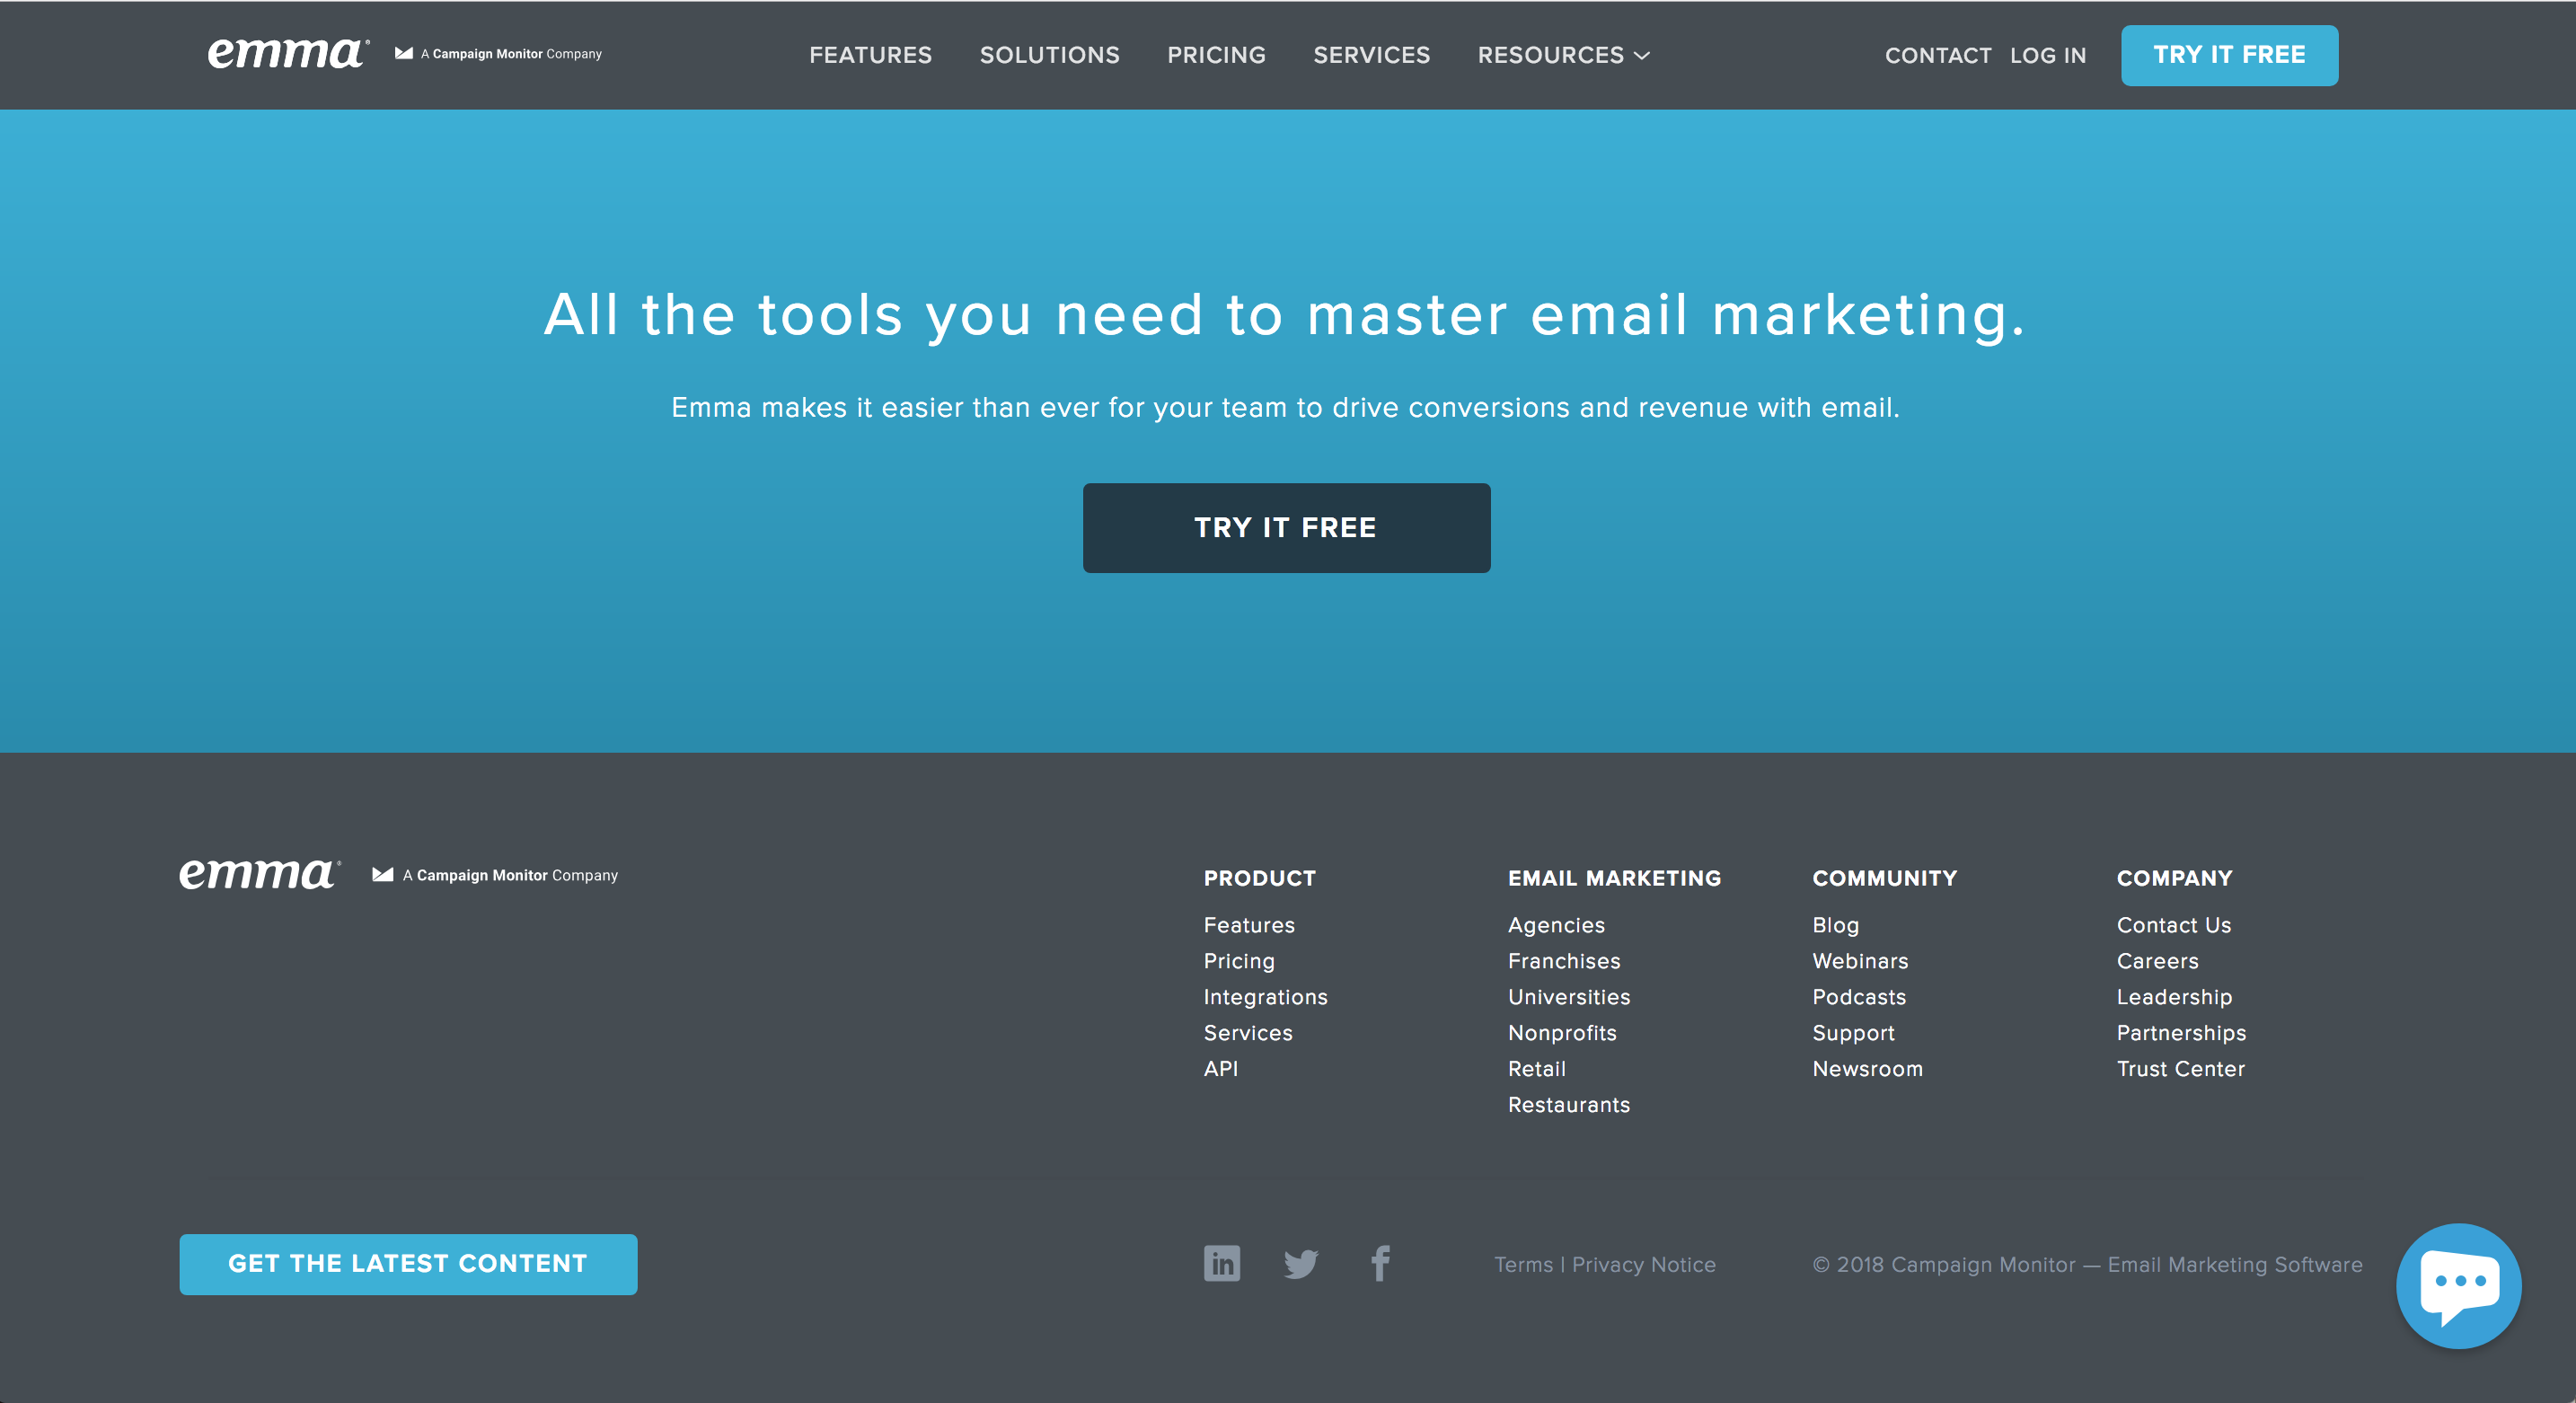 即使是最靠下的网站页脚,设计上同样很讲究-艺源科技